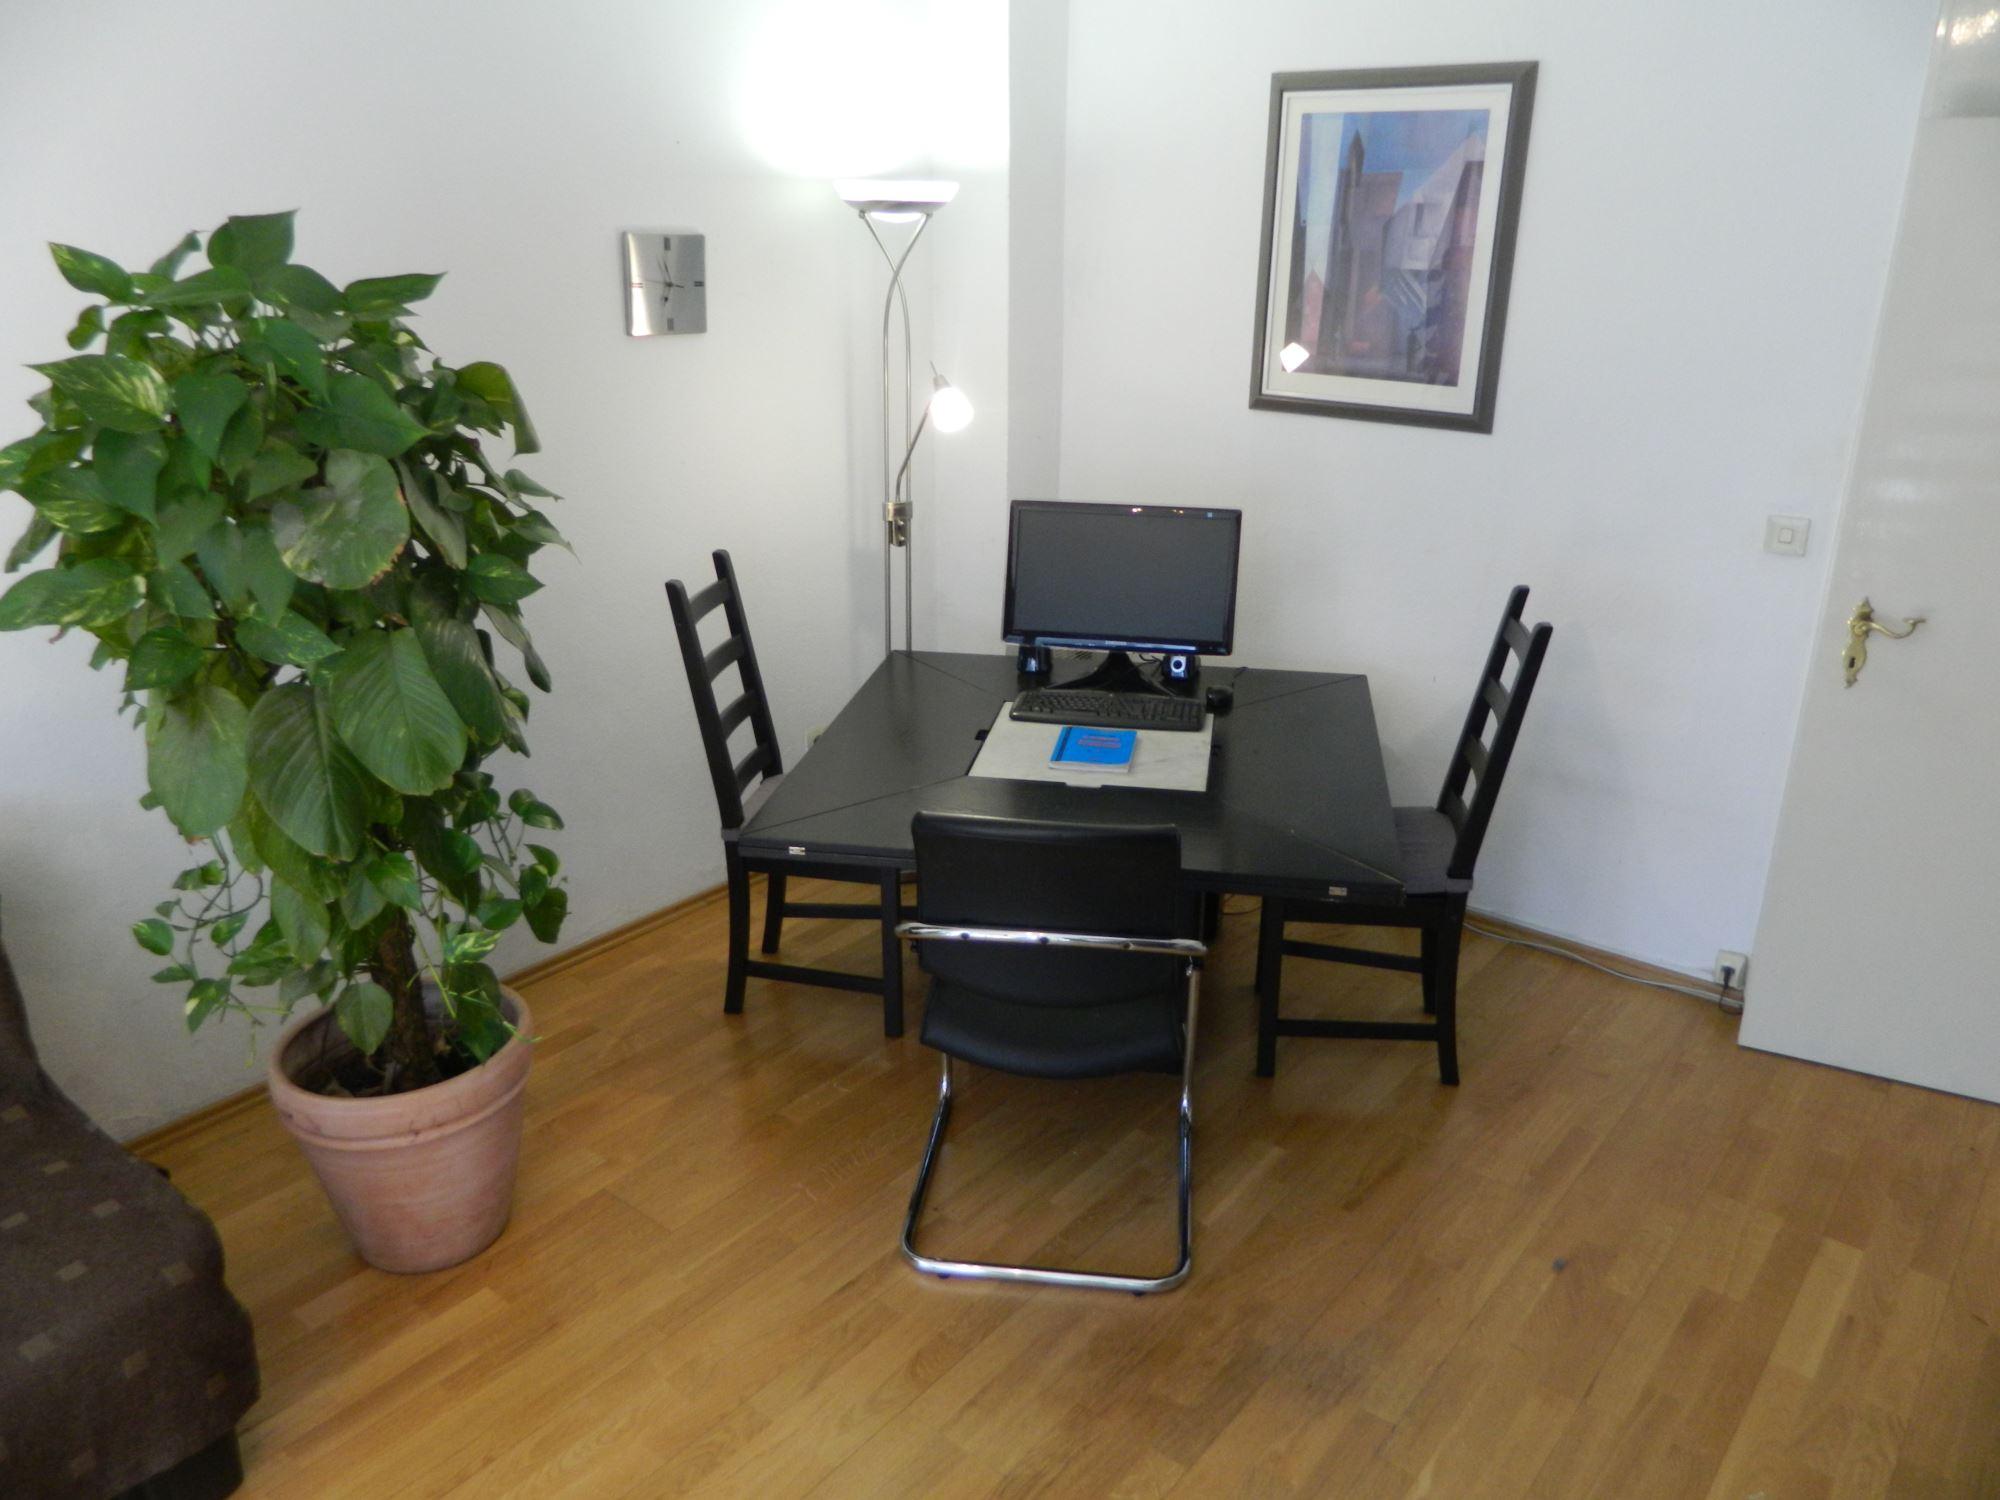 arbeitsplatz im unterrichtsraum franz sisch lernen in m nchen. Black Bedroom Furniture Sets. Home Design Ideas